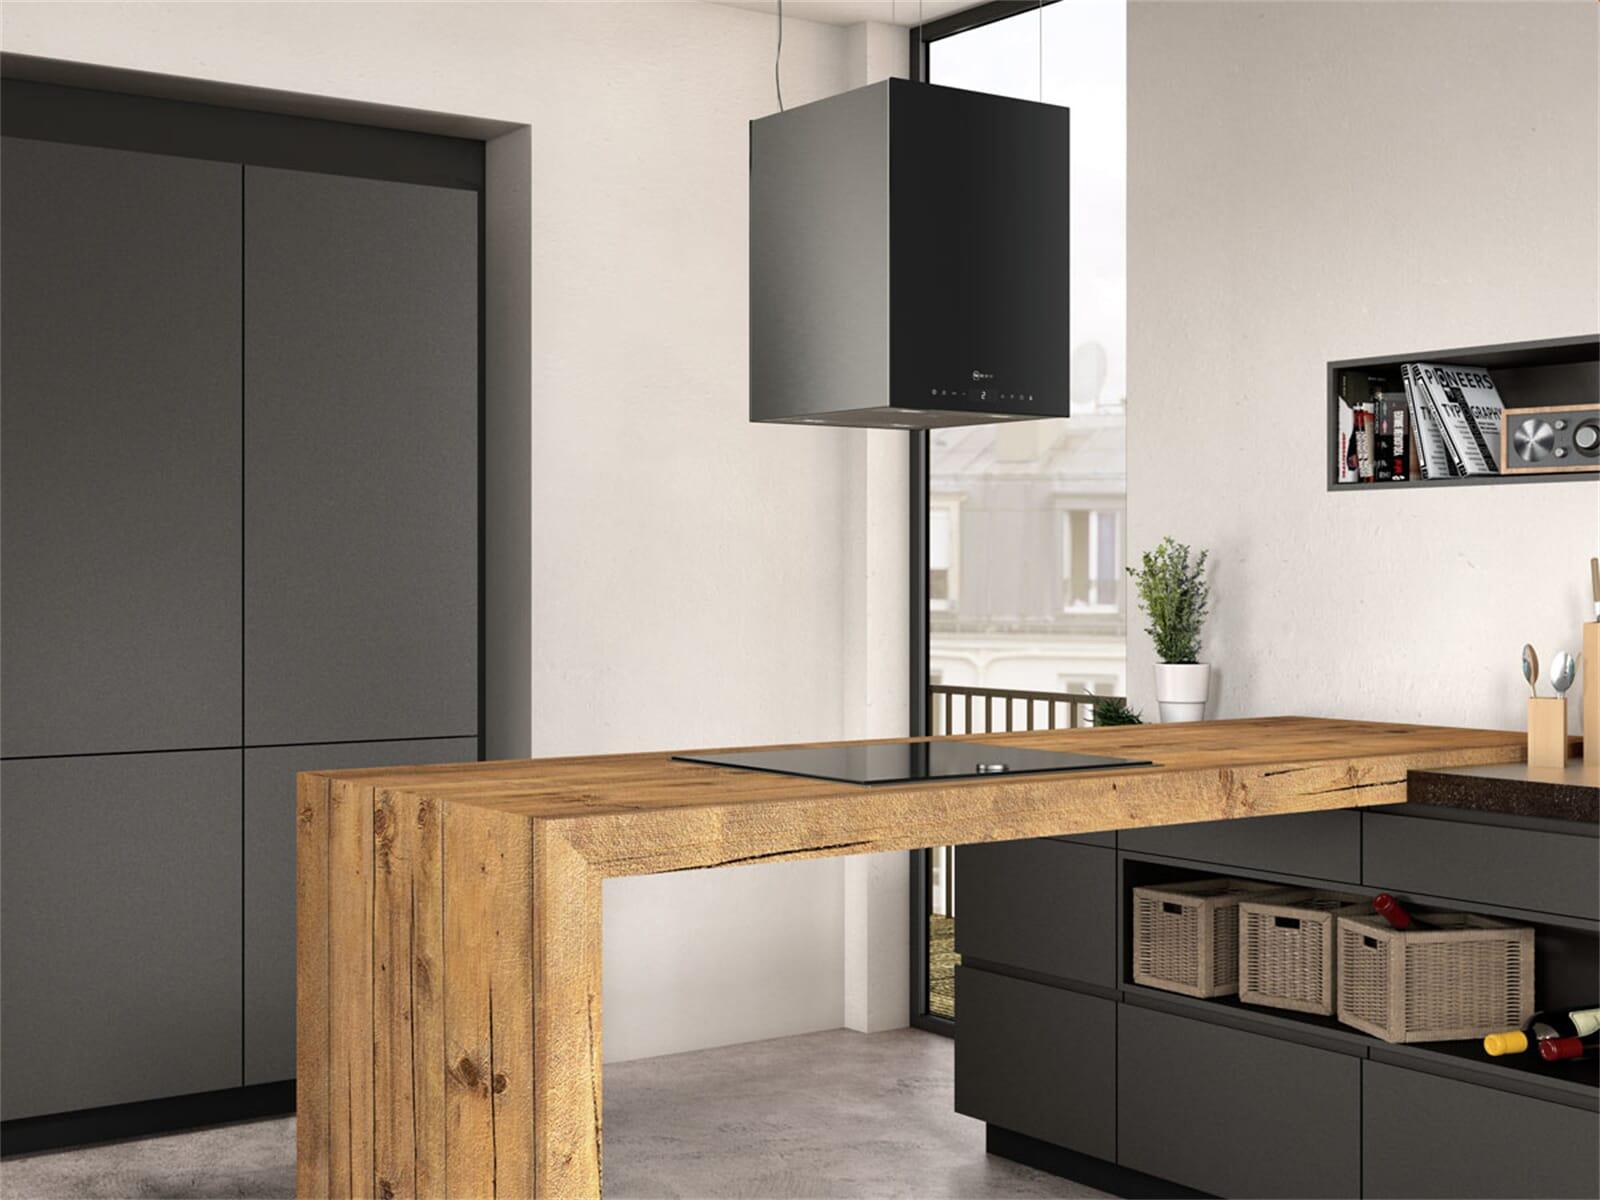 Abluft küche arbeitsplatte abluft dunstabzug dunstabzugshaube